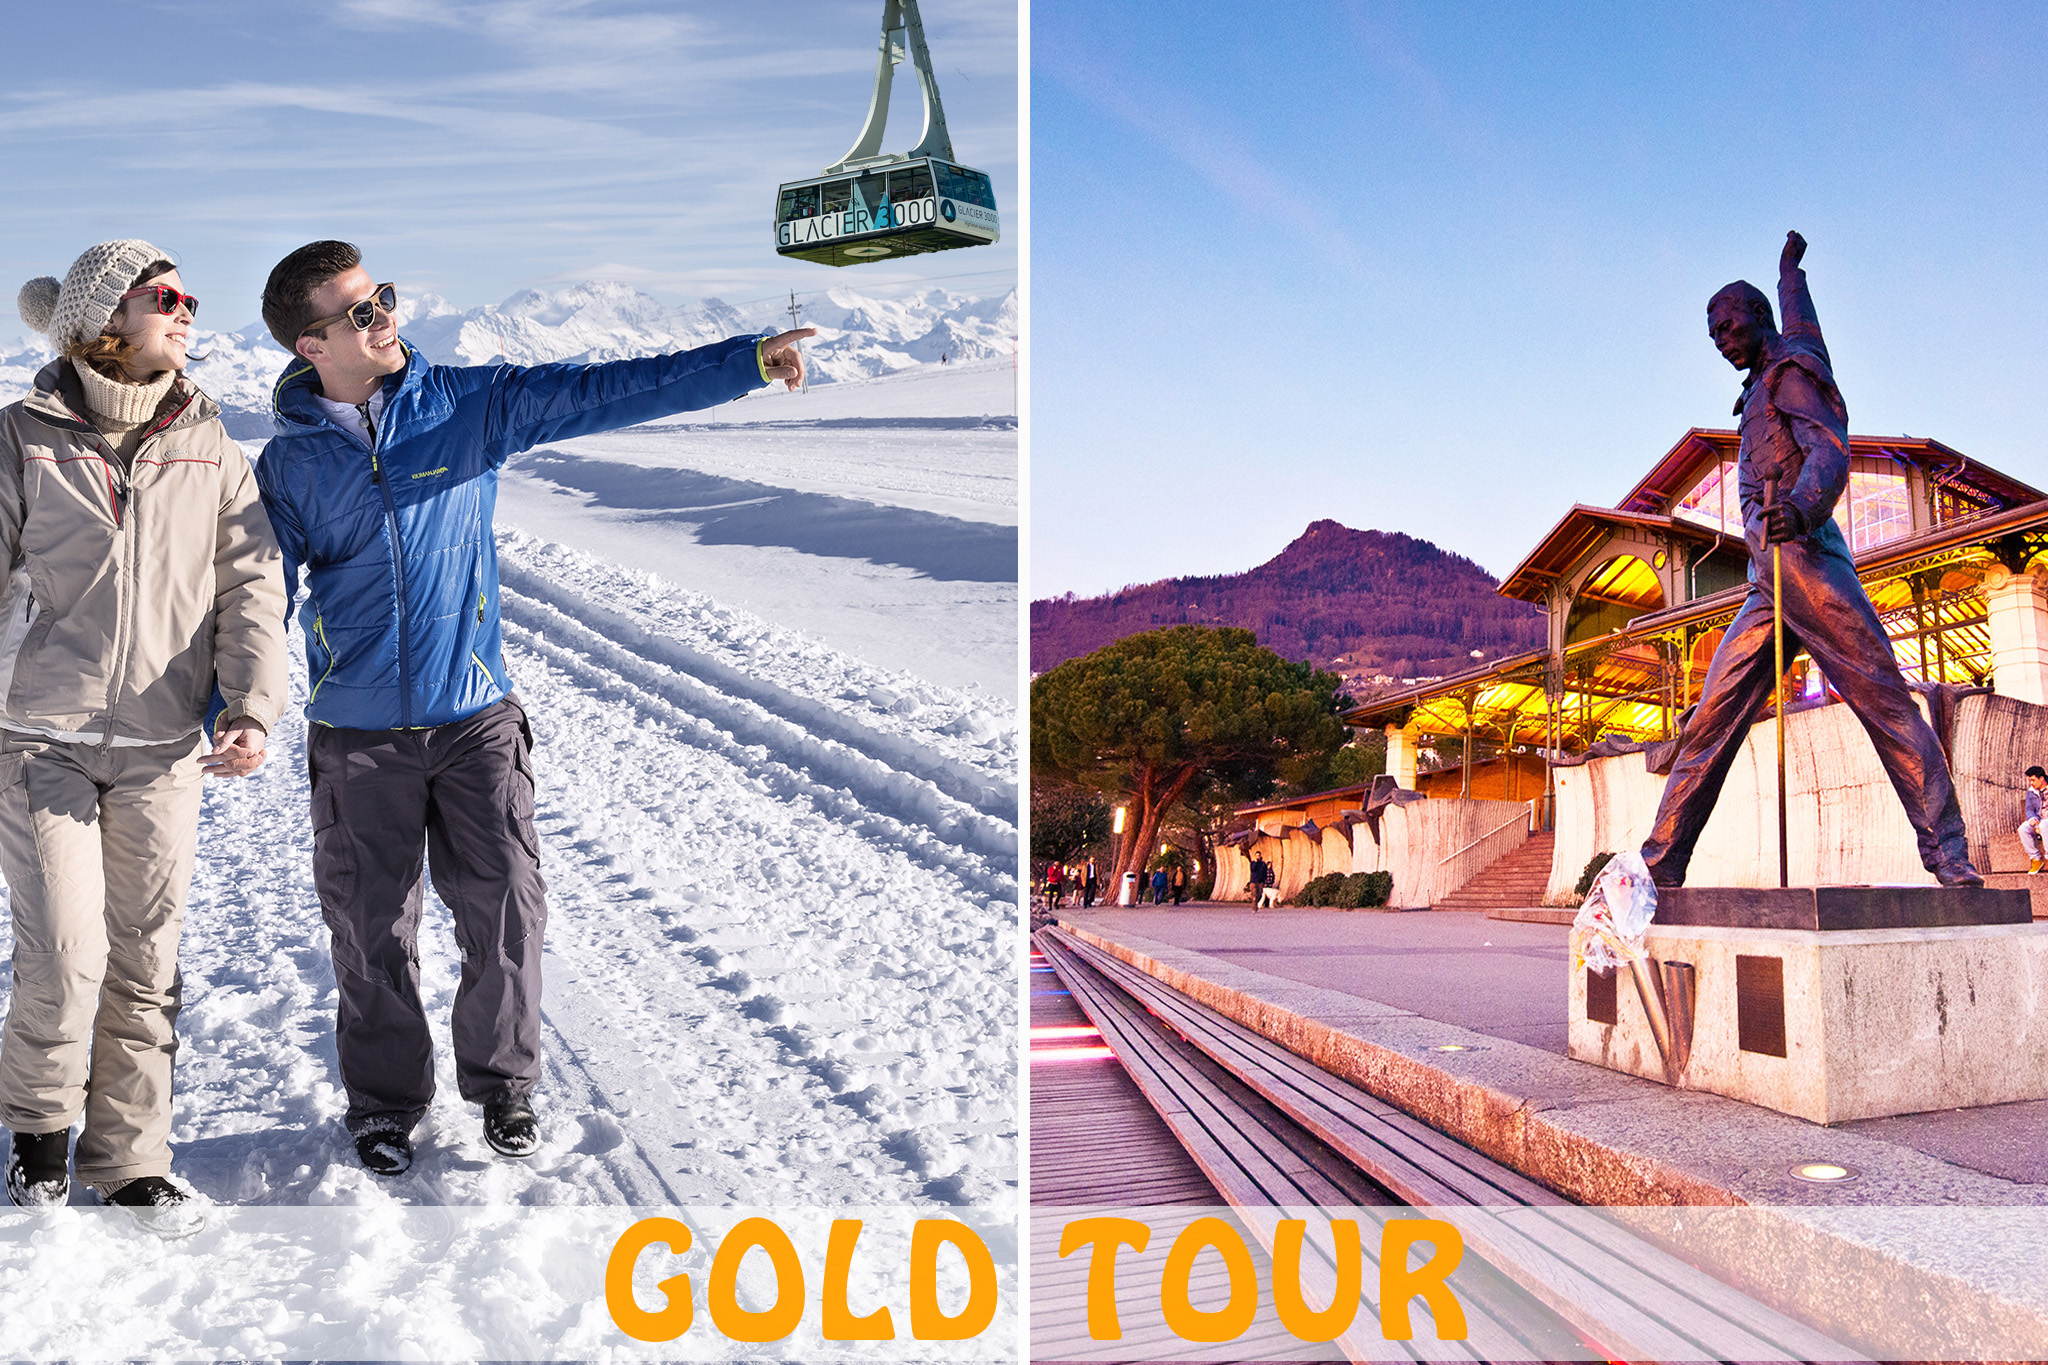 Gold Glacier 3000